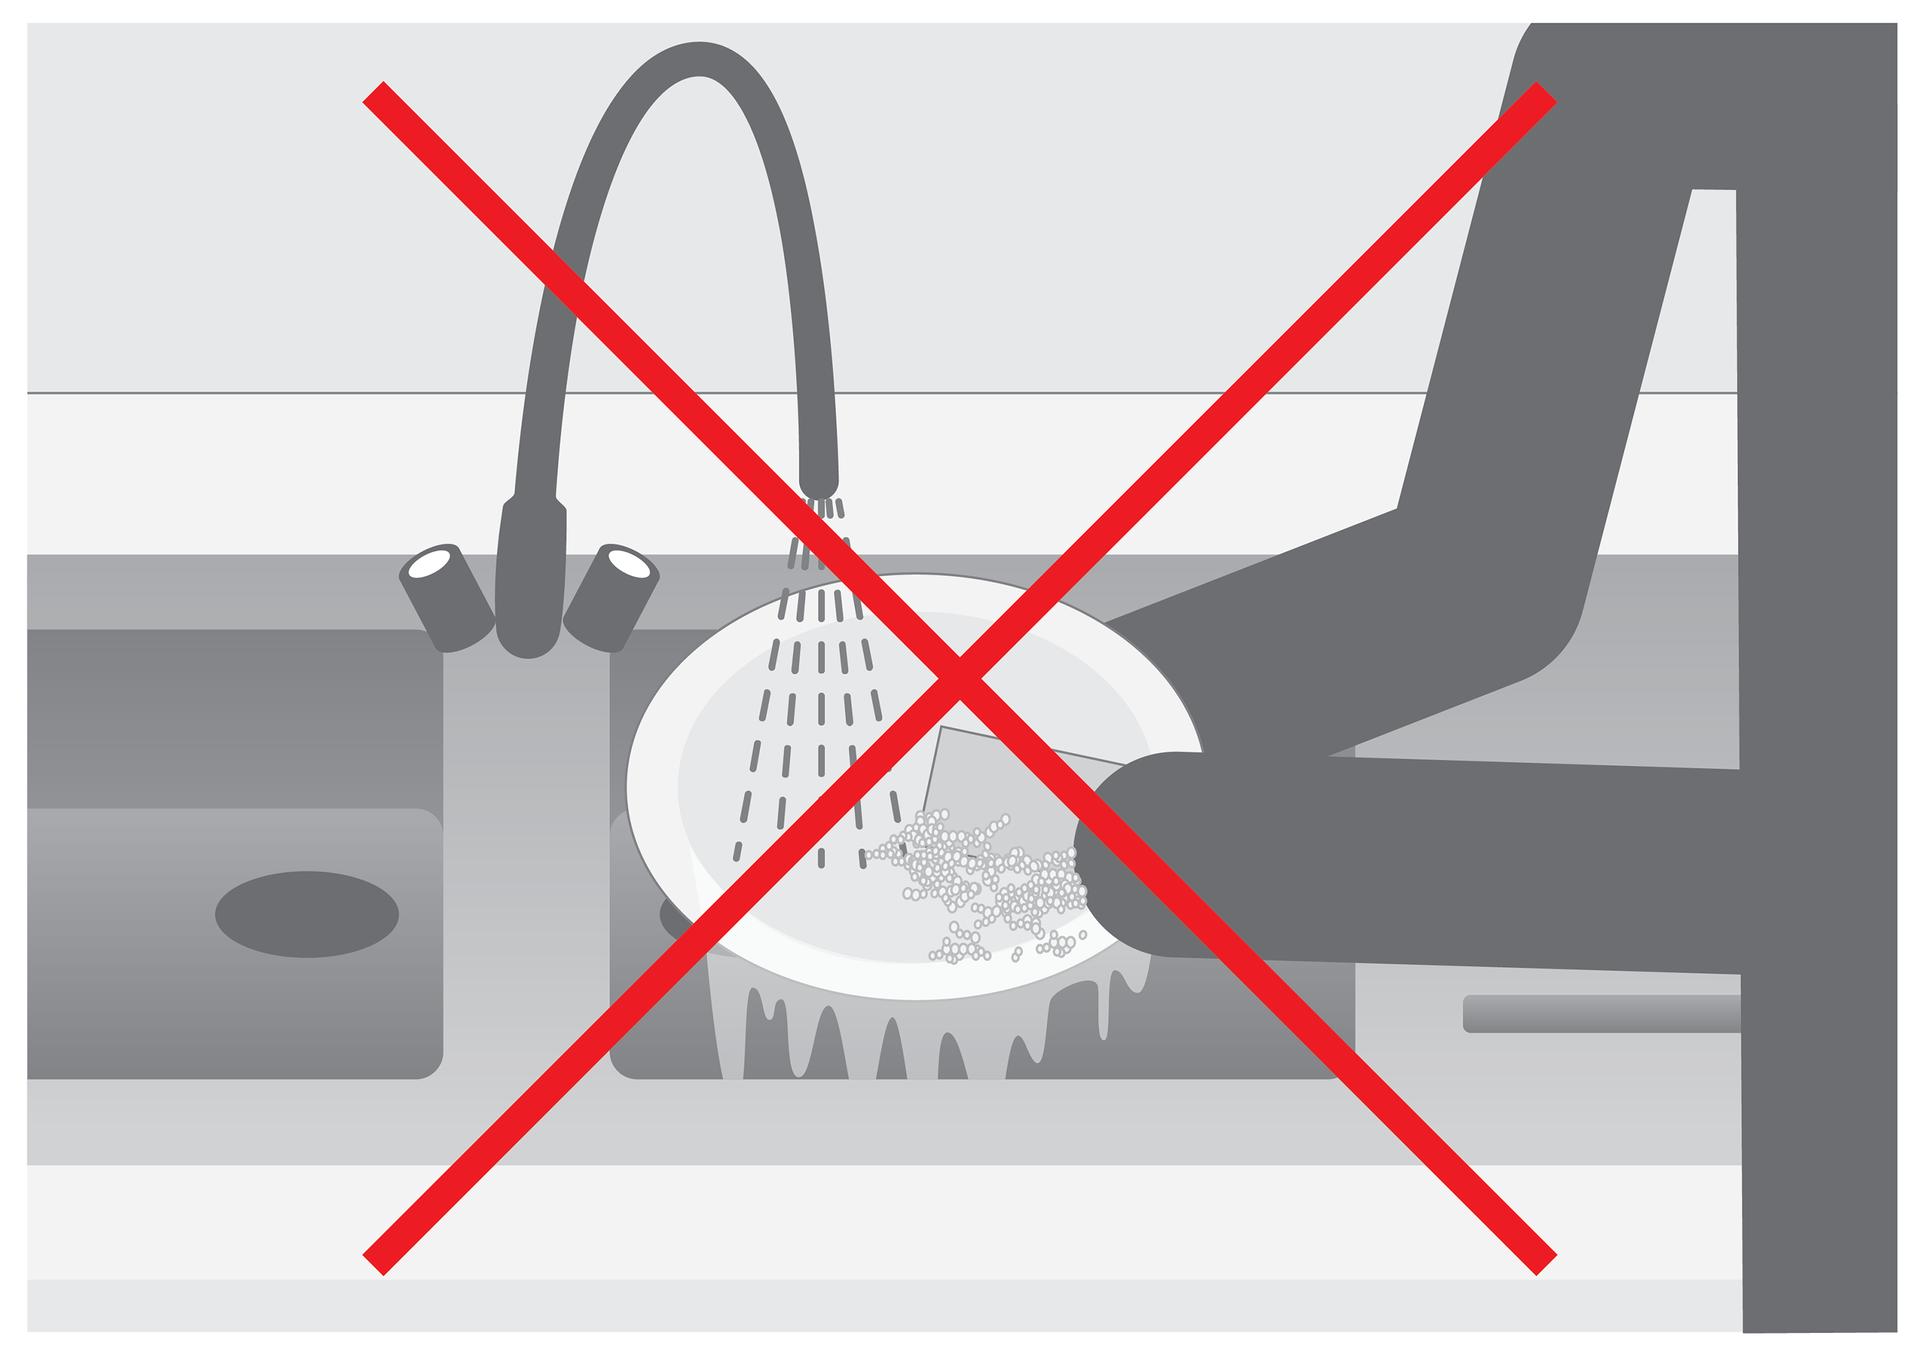 Szósta ilustracja wgalerii. Przedstawia czarno biały symboliczny rysunek zmywania pojedynczego talerza wzlewie pod bieżącą wodą. Rysunek jest przekreślony czerwonym krzyżem.